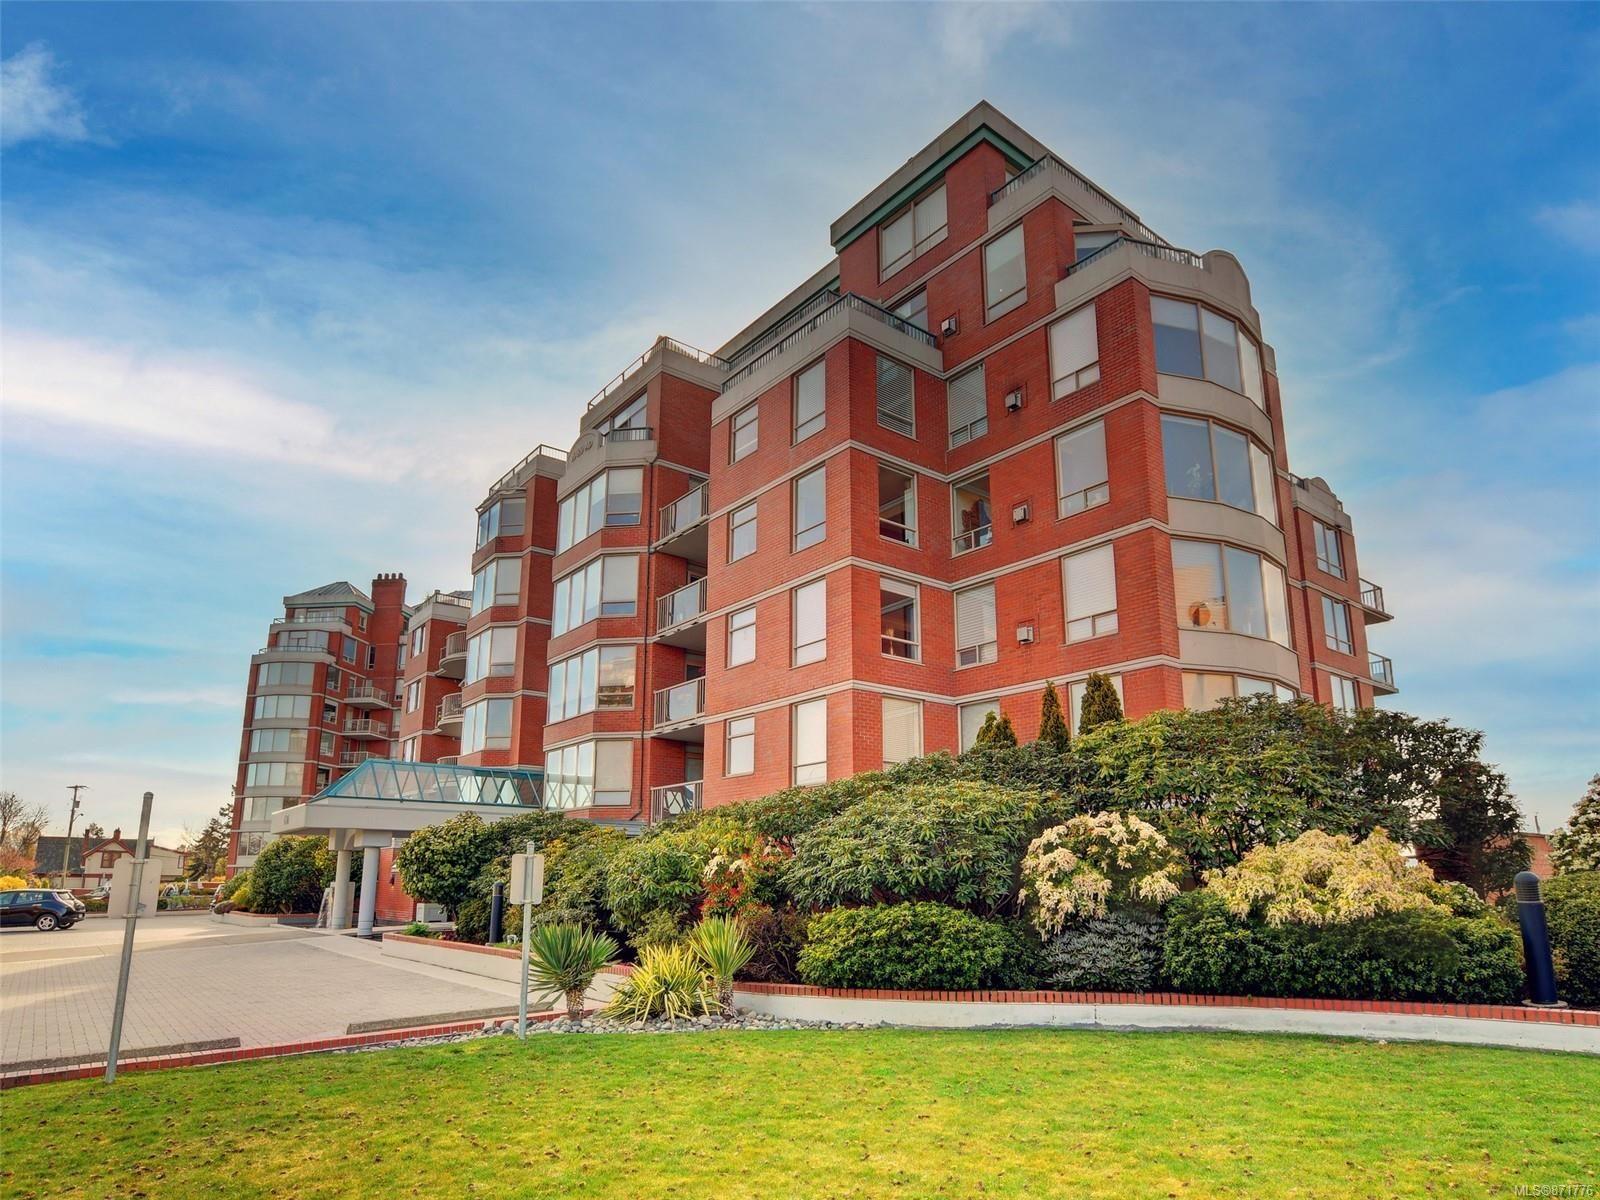 Main Photo: 803 636 MONTREAL St in : Vi James Bay Condo for sale (Victoria)  : MLS®# 871776